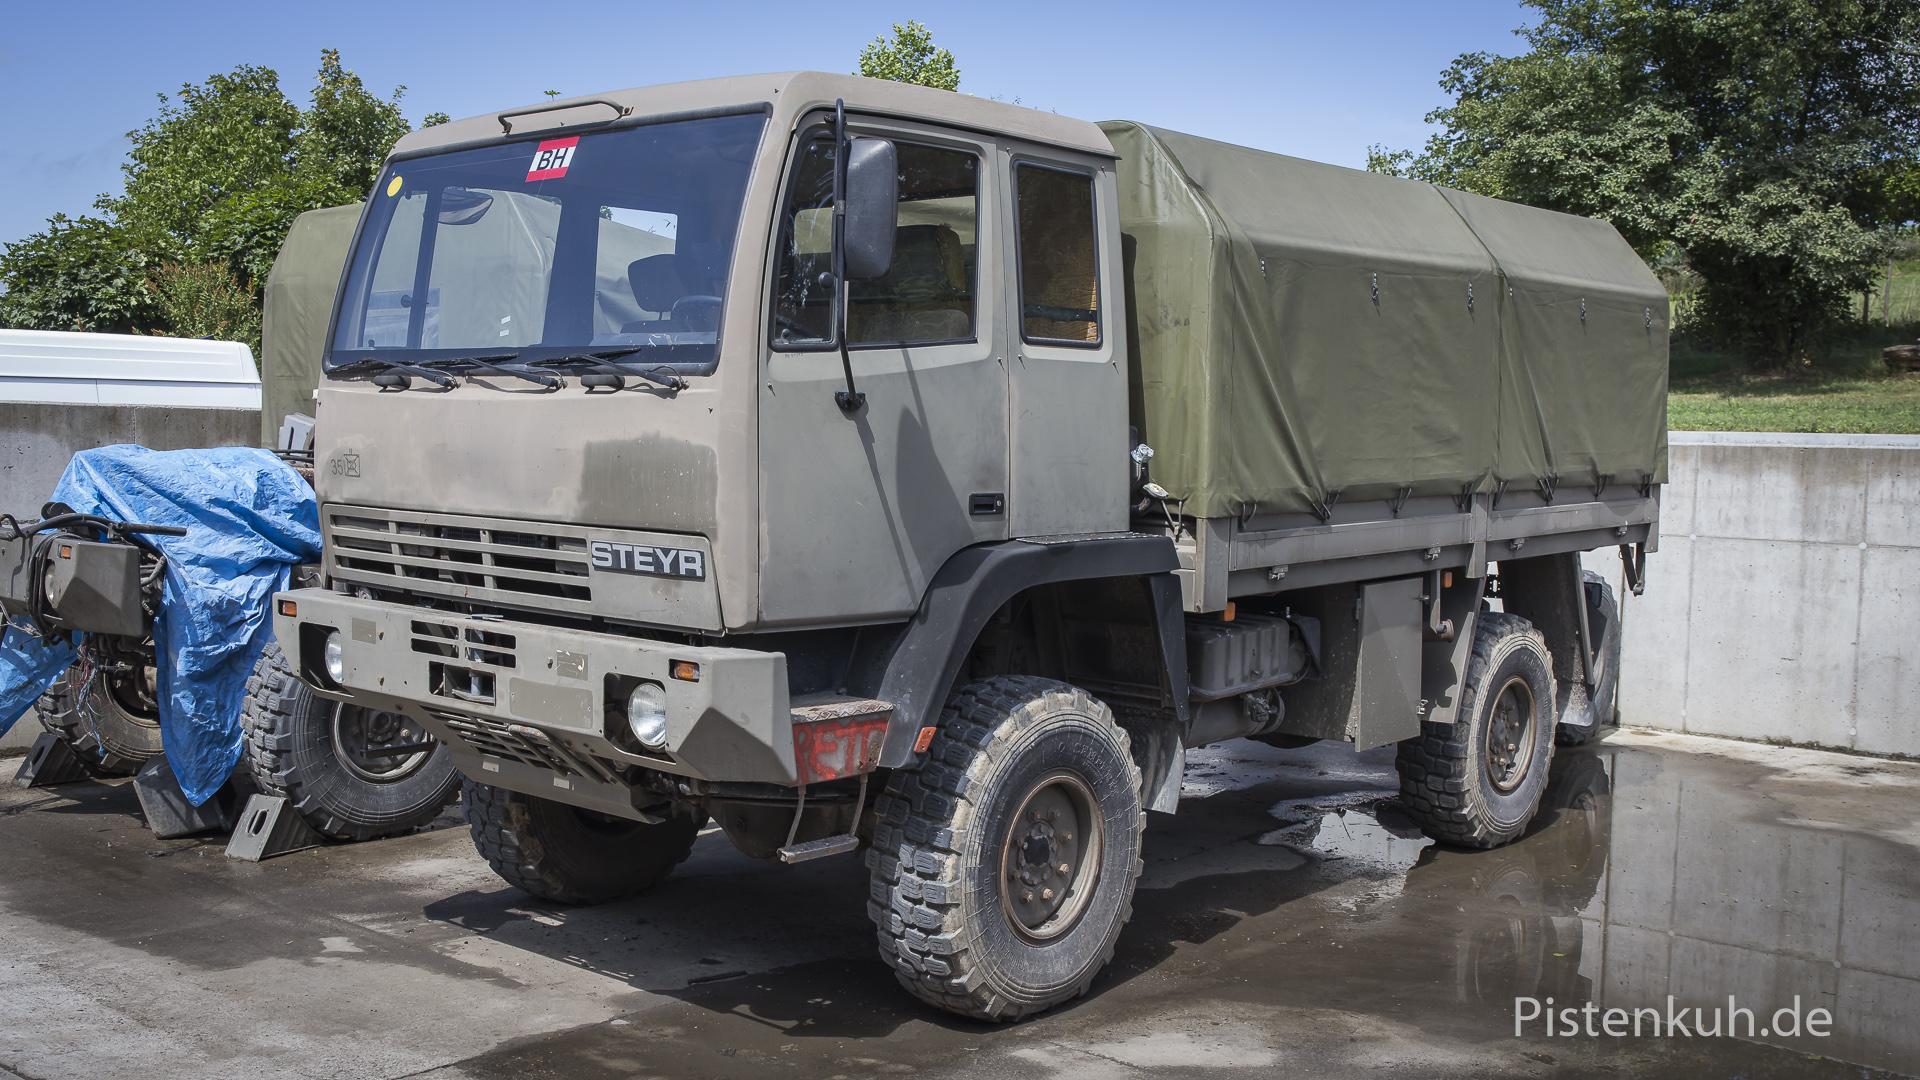 Steyr 12 m18 militär